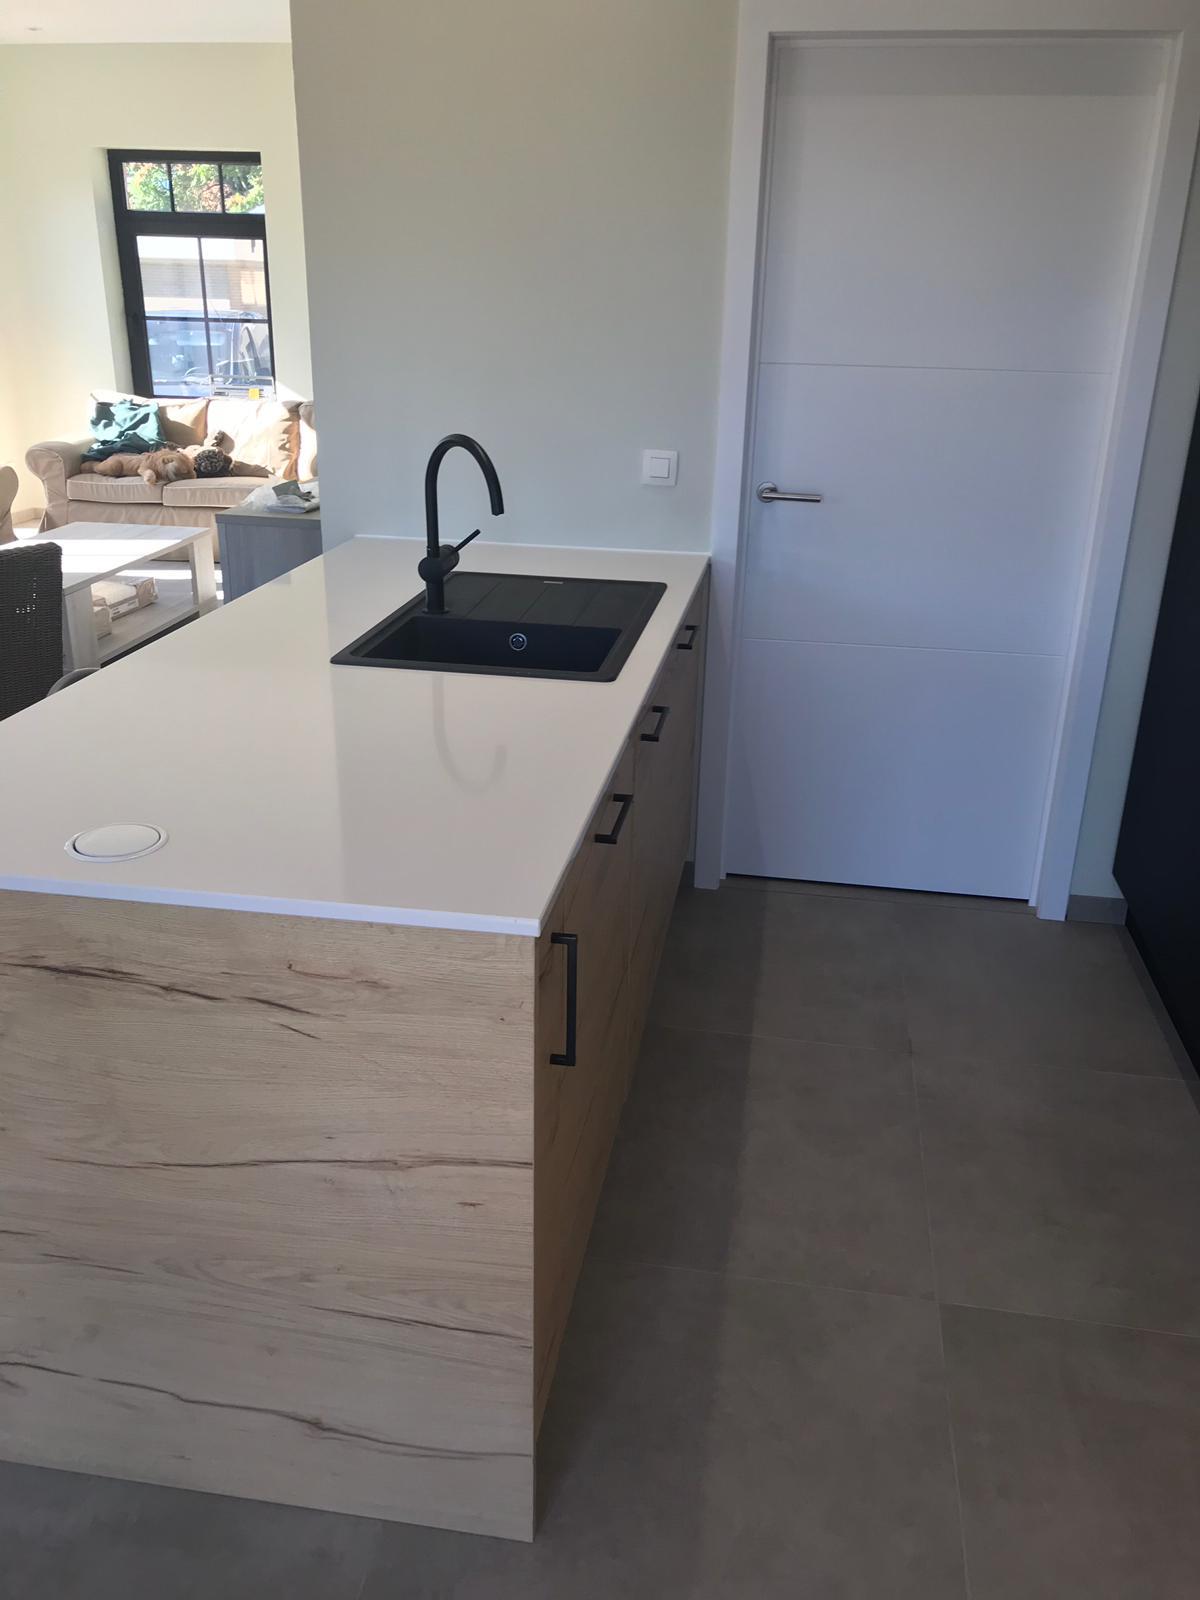 4 Keuken in zwarte laminaat gecombineerd met deuren in houtstructuur